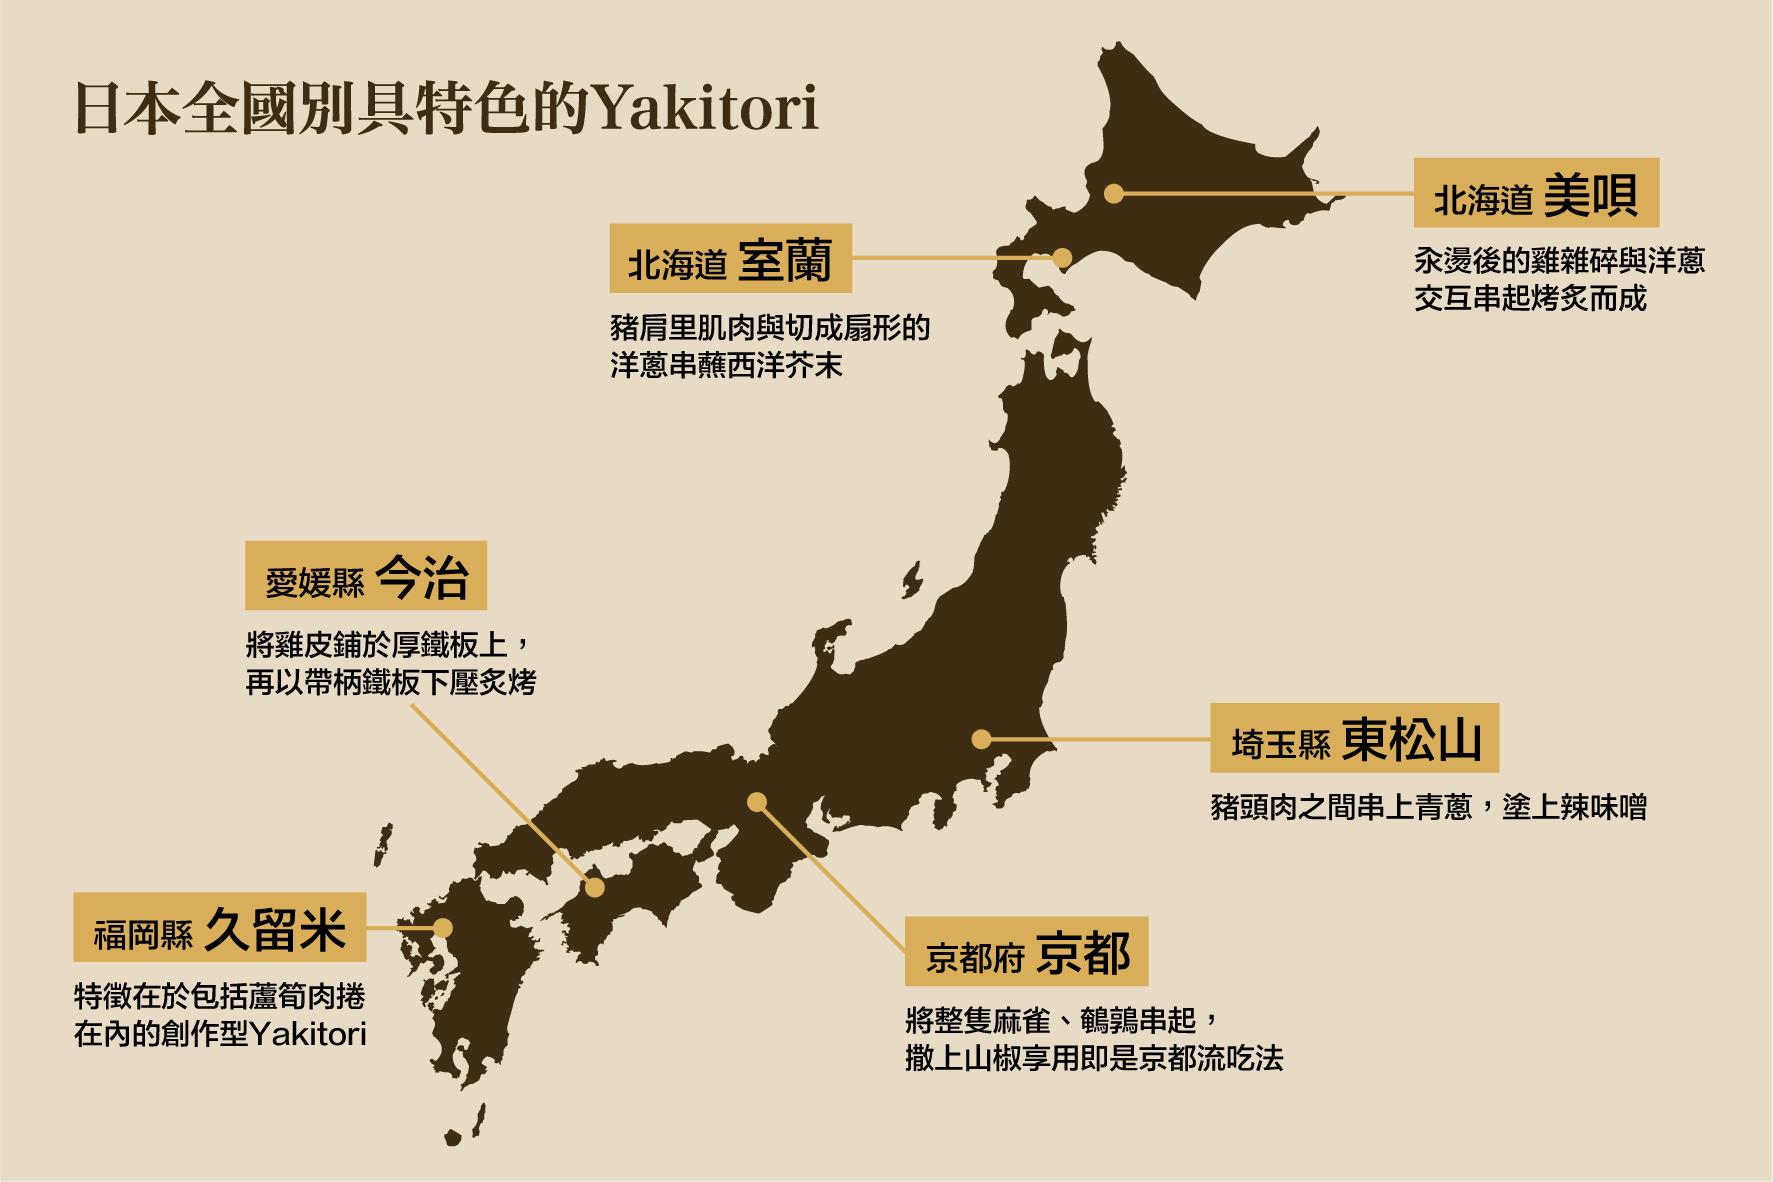 日本全國別具特色的yakitori